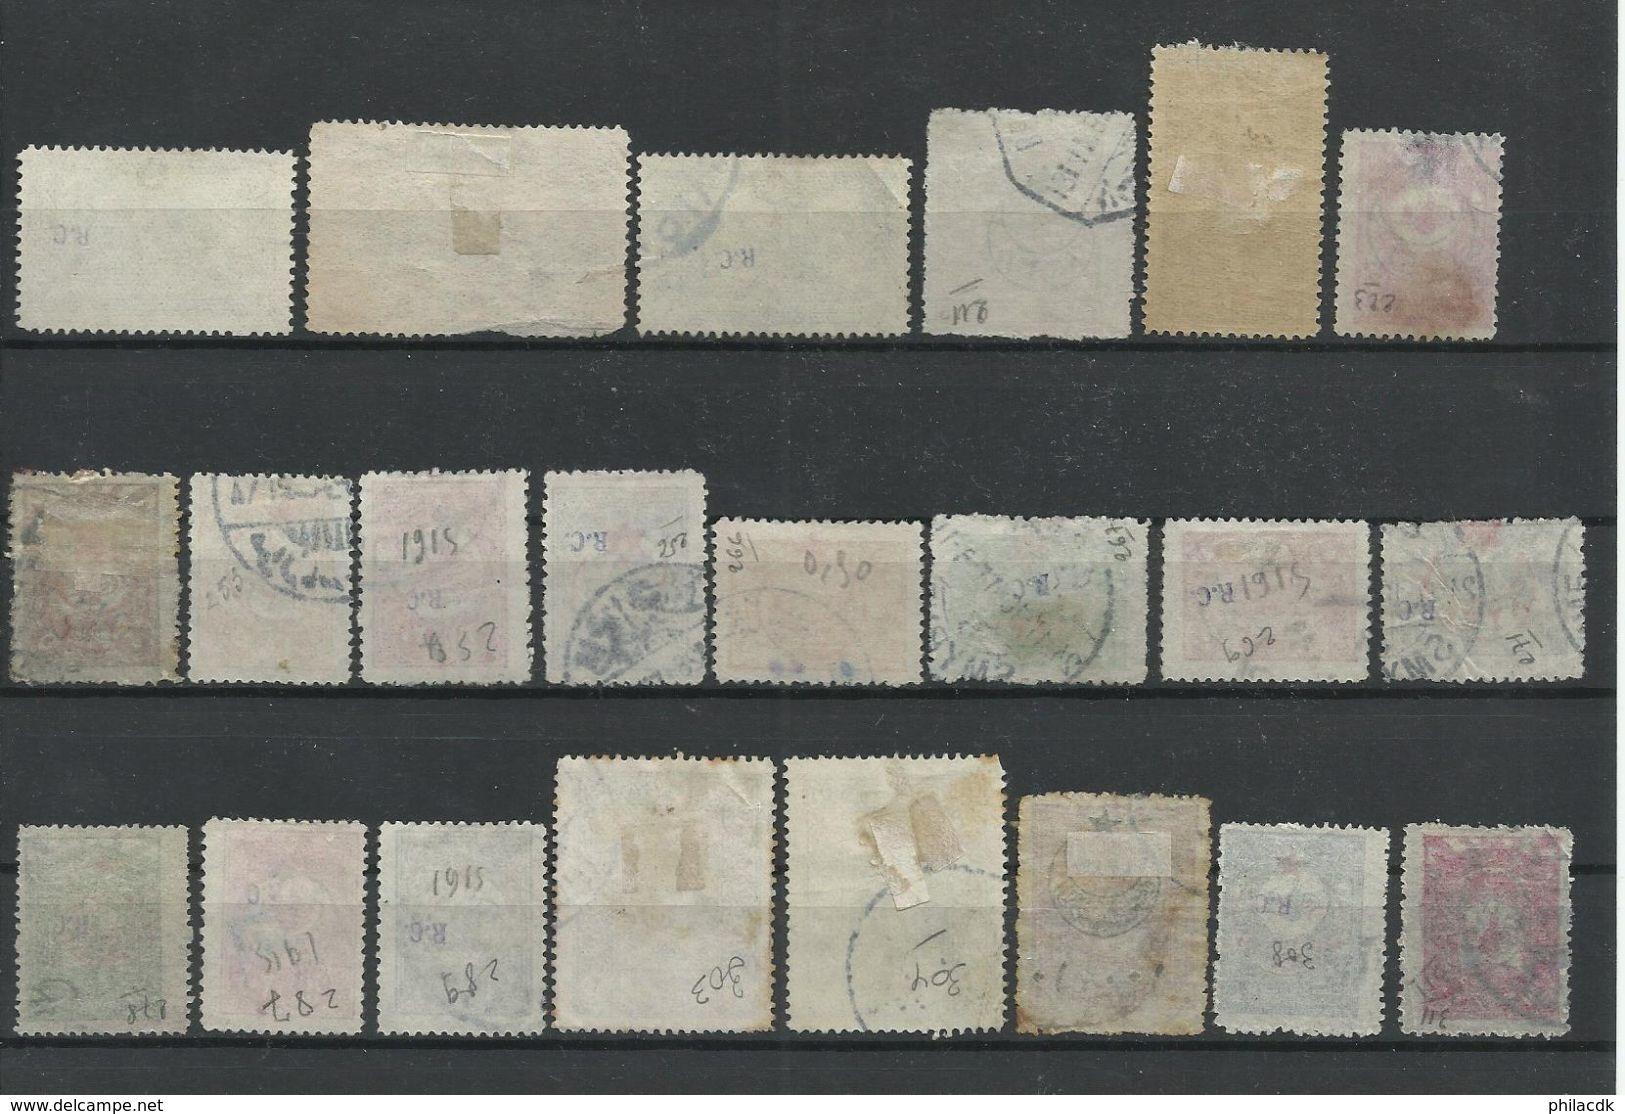 EMPIRE OTTOMAN/TURQUIE - 14 SCANNS - BELLE COLLECTION DE 154 TIMBRES NEUFS* AVEC CHARNIERE/NEUFS SANS GOMME/OBLITERES - Non Classés